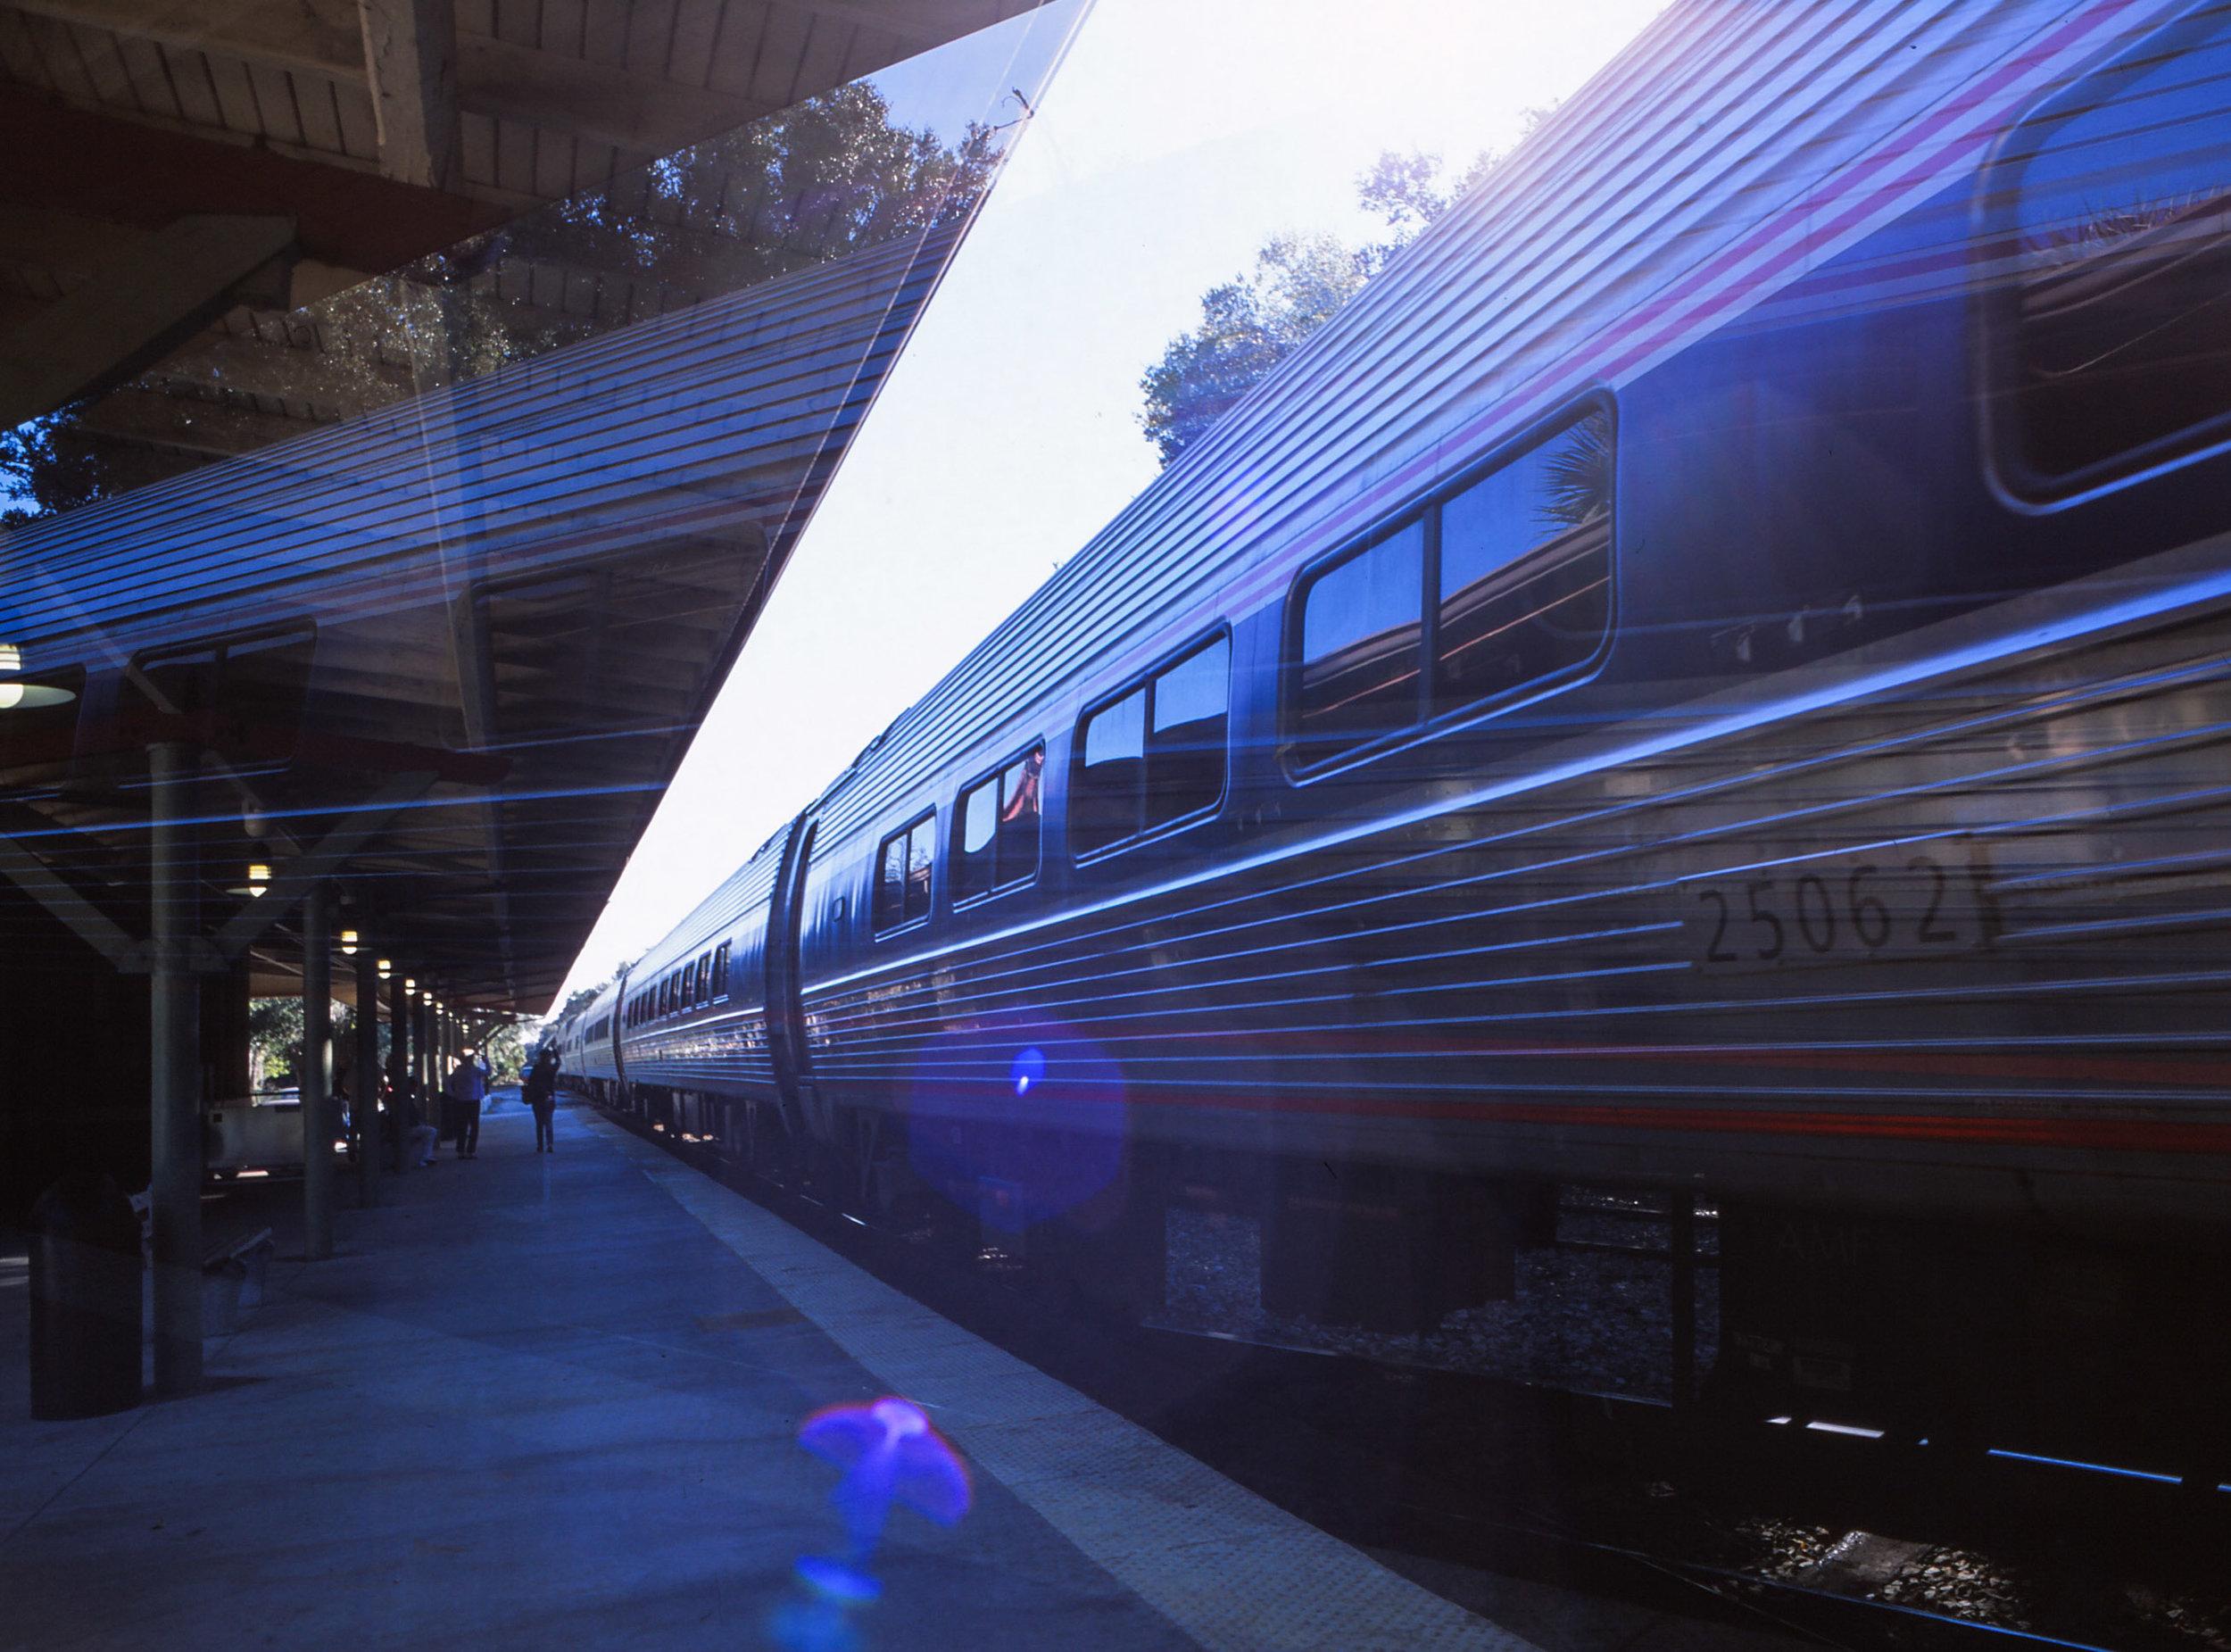 Mamiya - Provia 100F - DeLand Amtrak.jpg